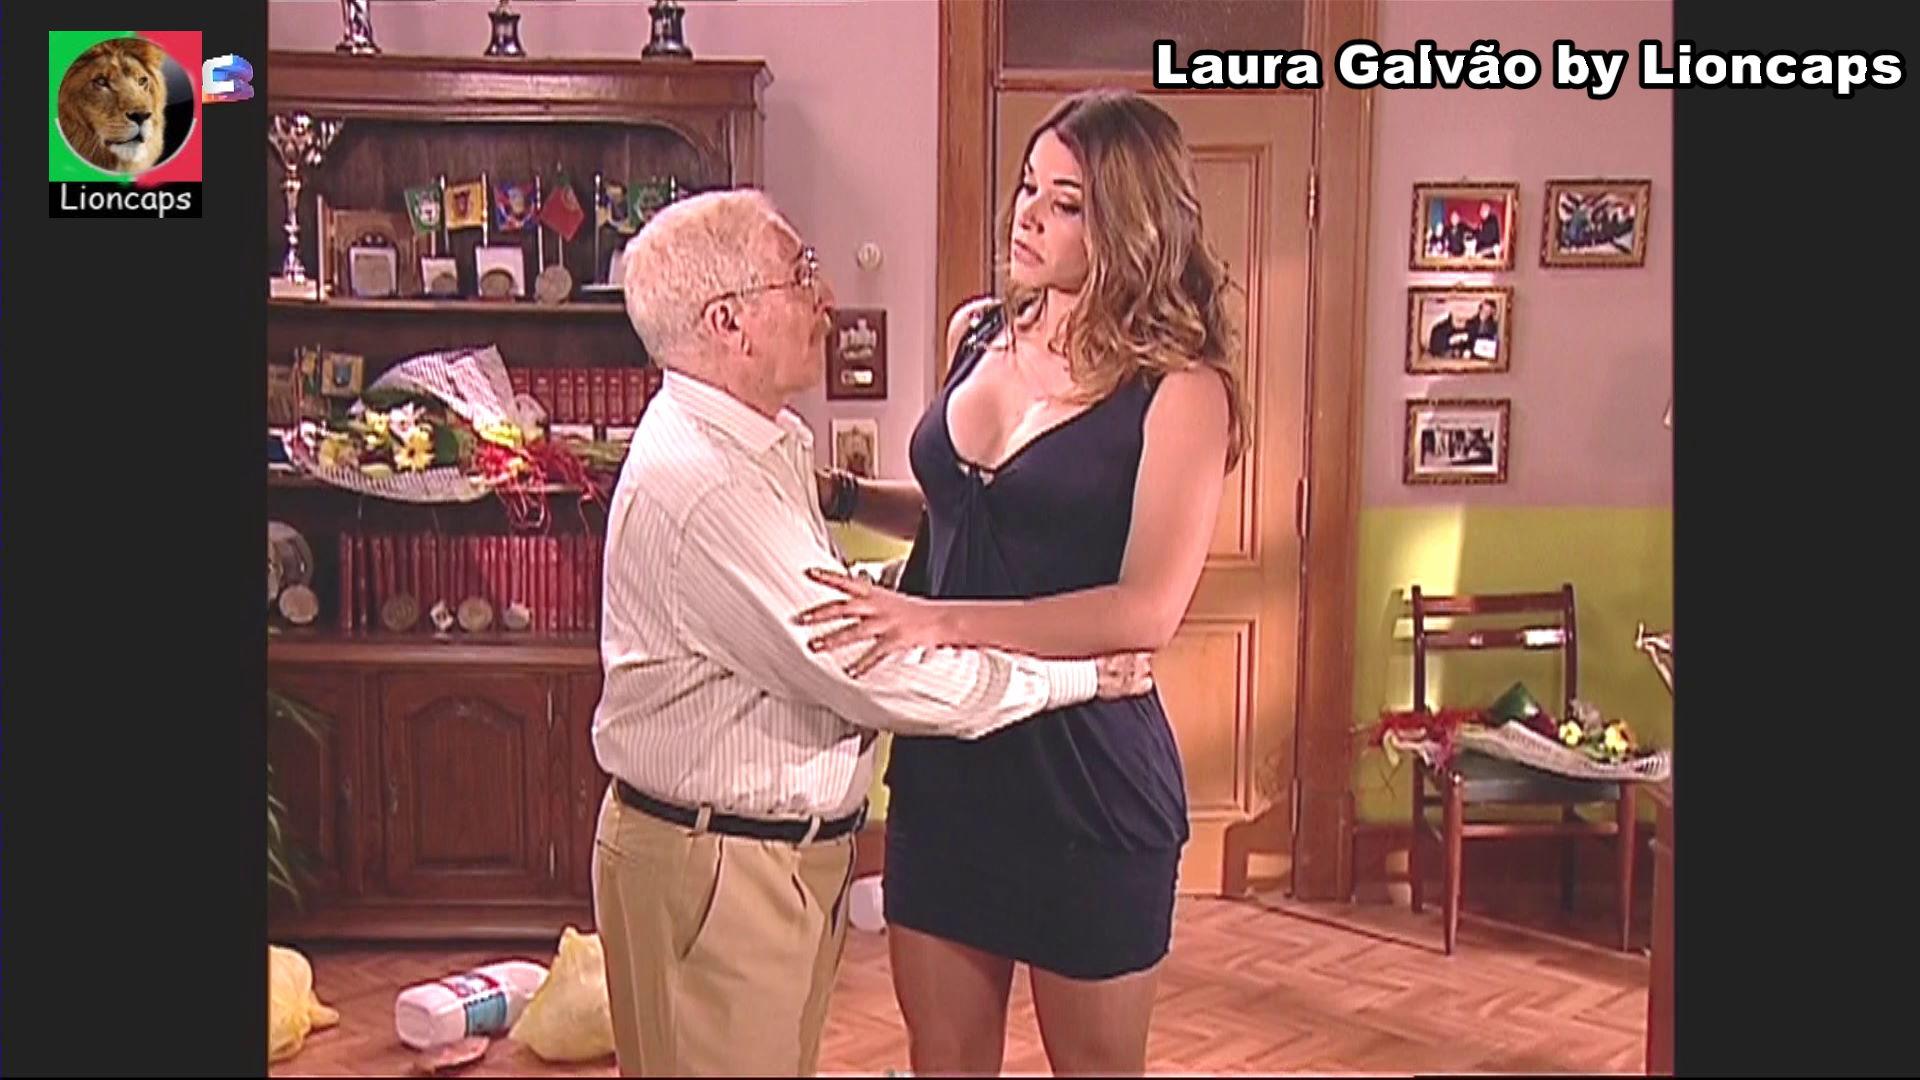 874622387_laura_galvao_vs181215_0639_122_9lo.JPG